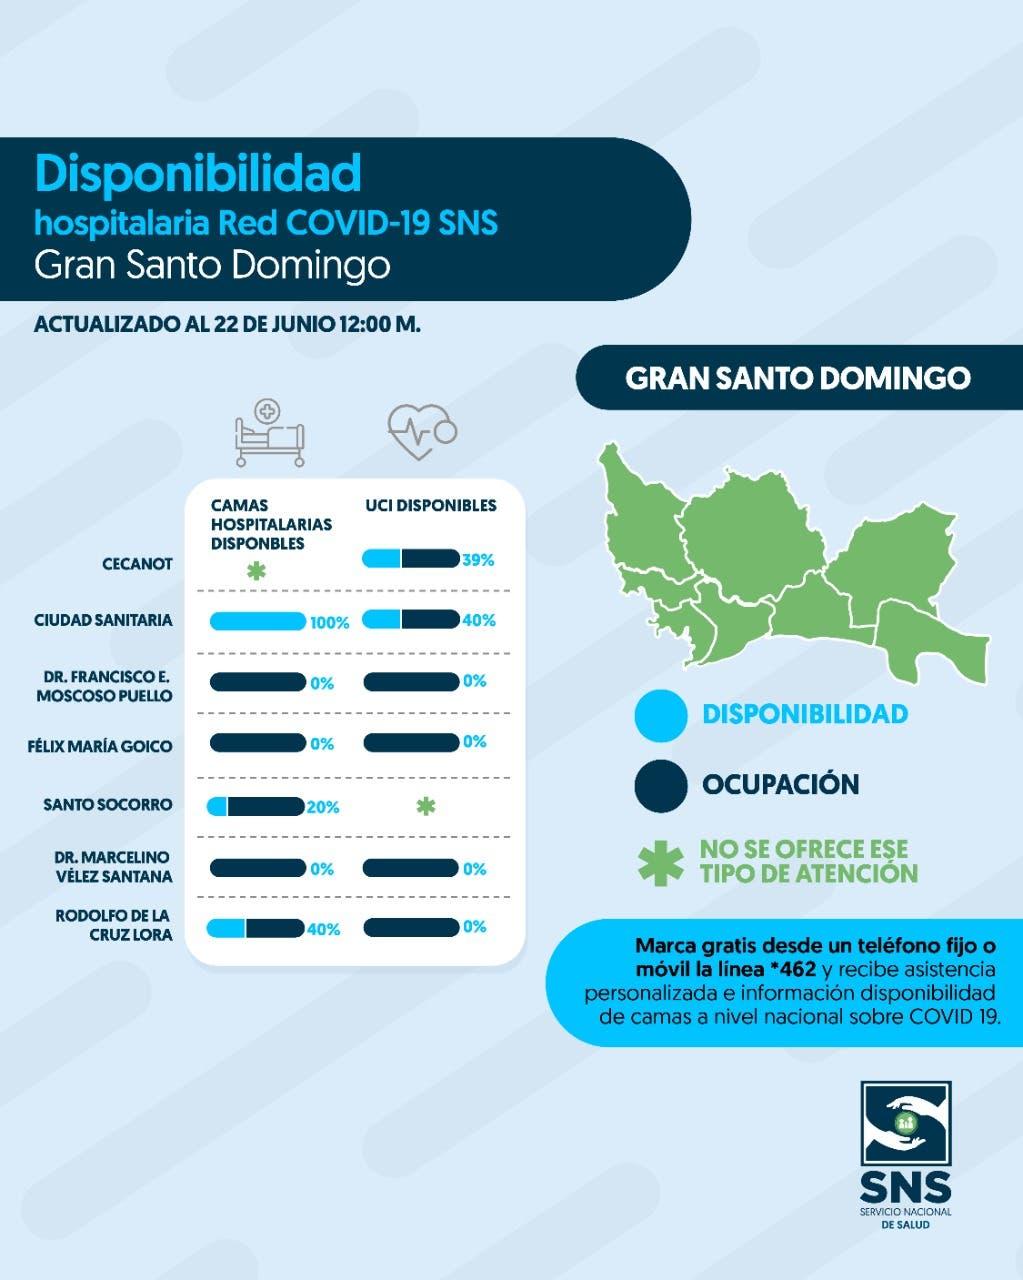 COVID mantiene comprometido casi  60% de la capacidad de la red hospitalaria en GSD